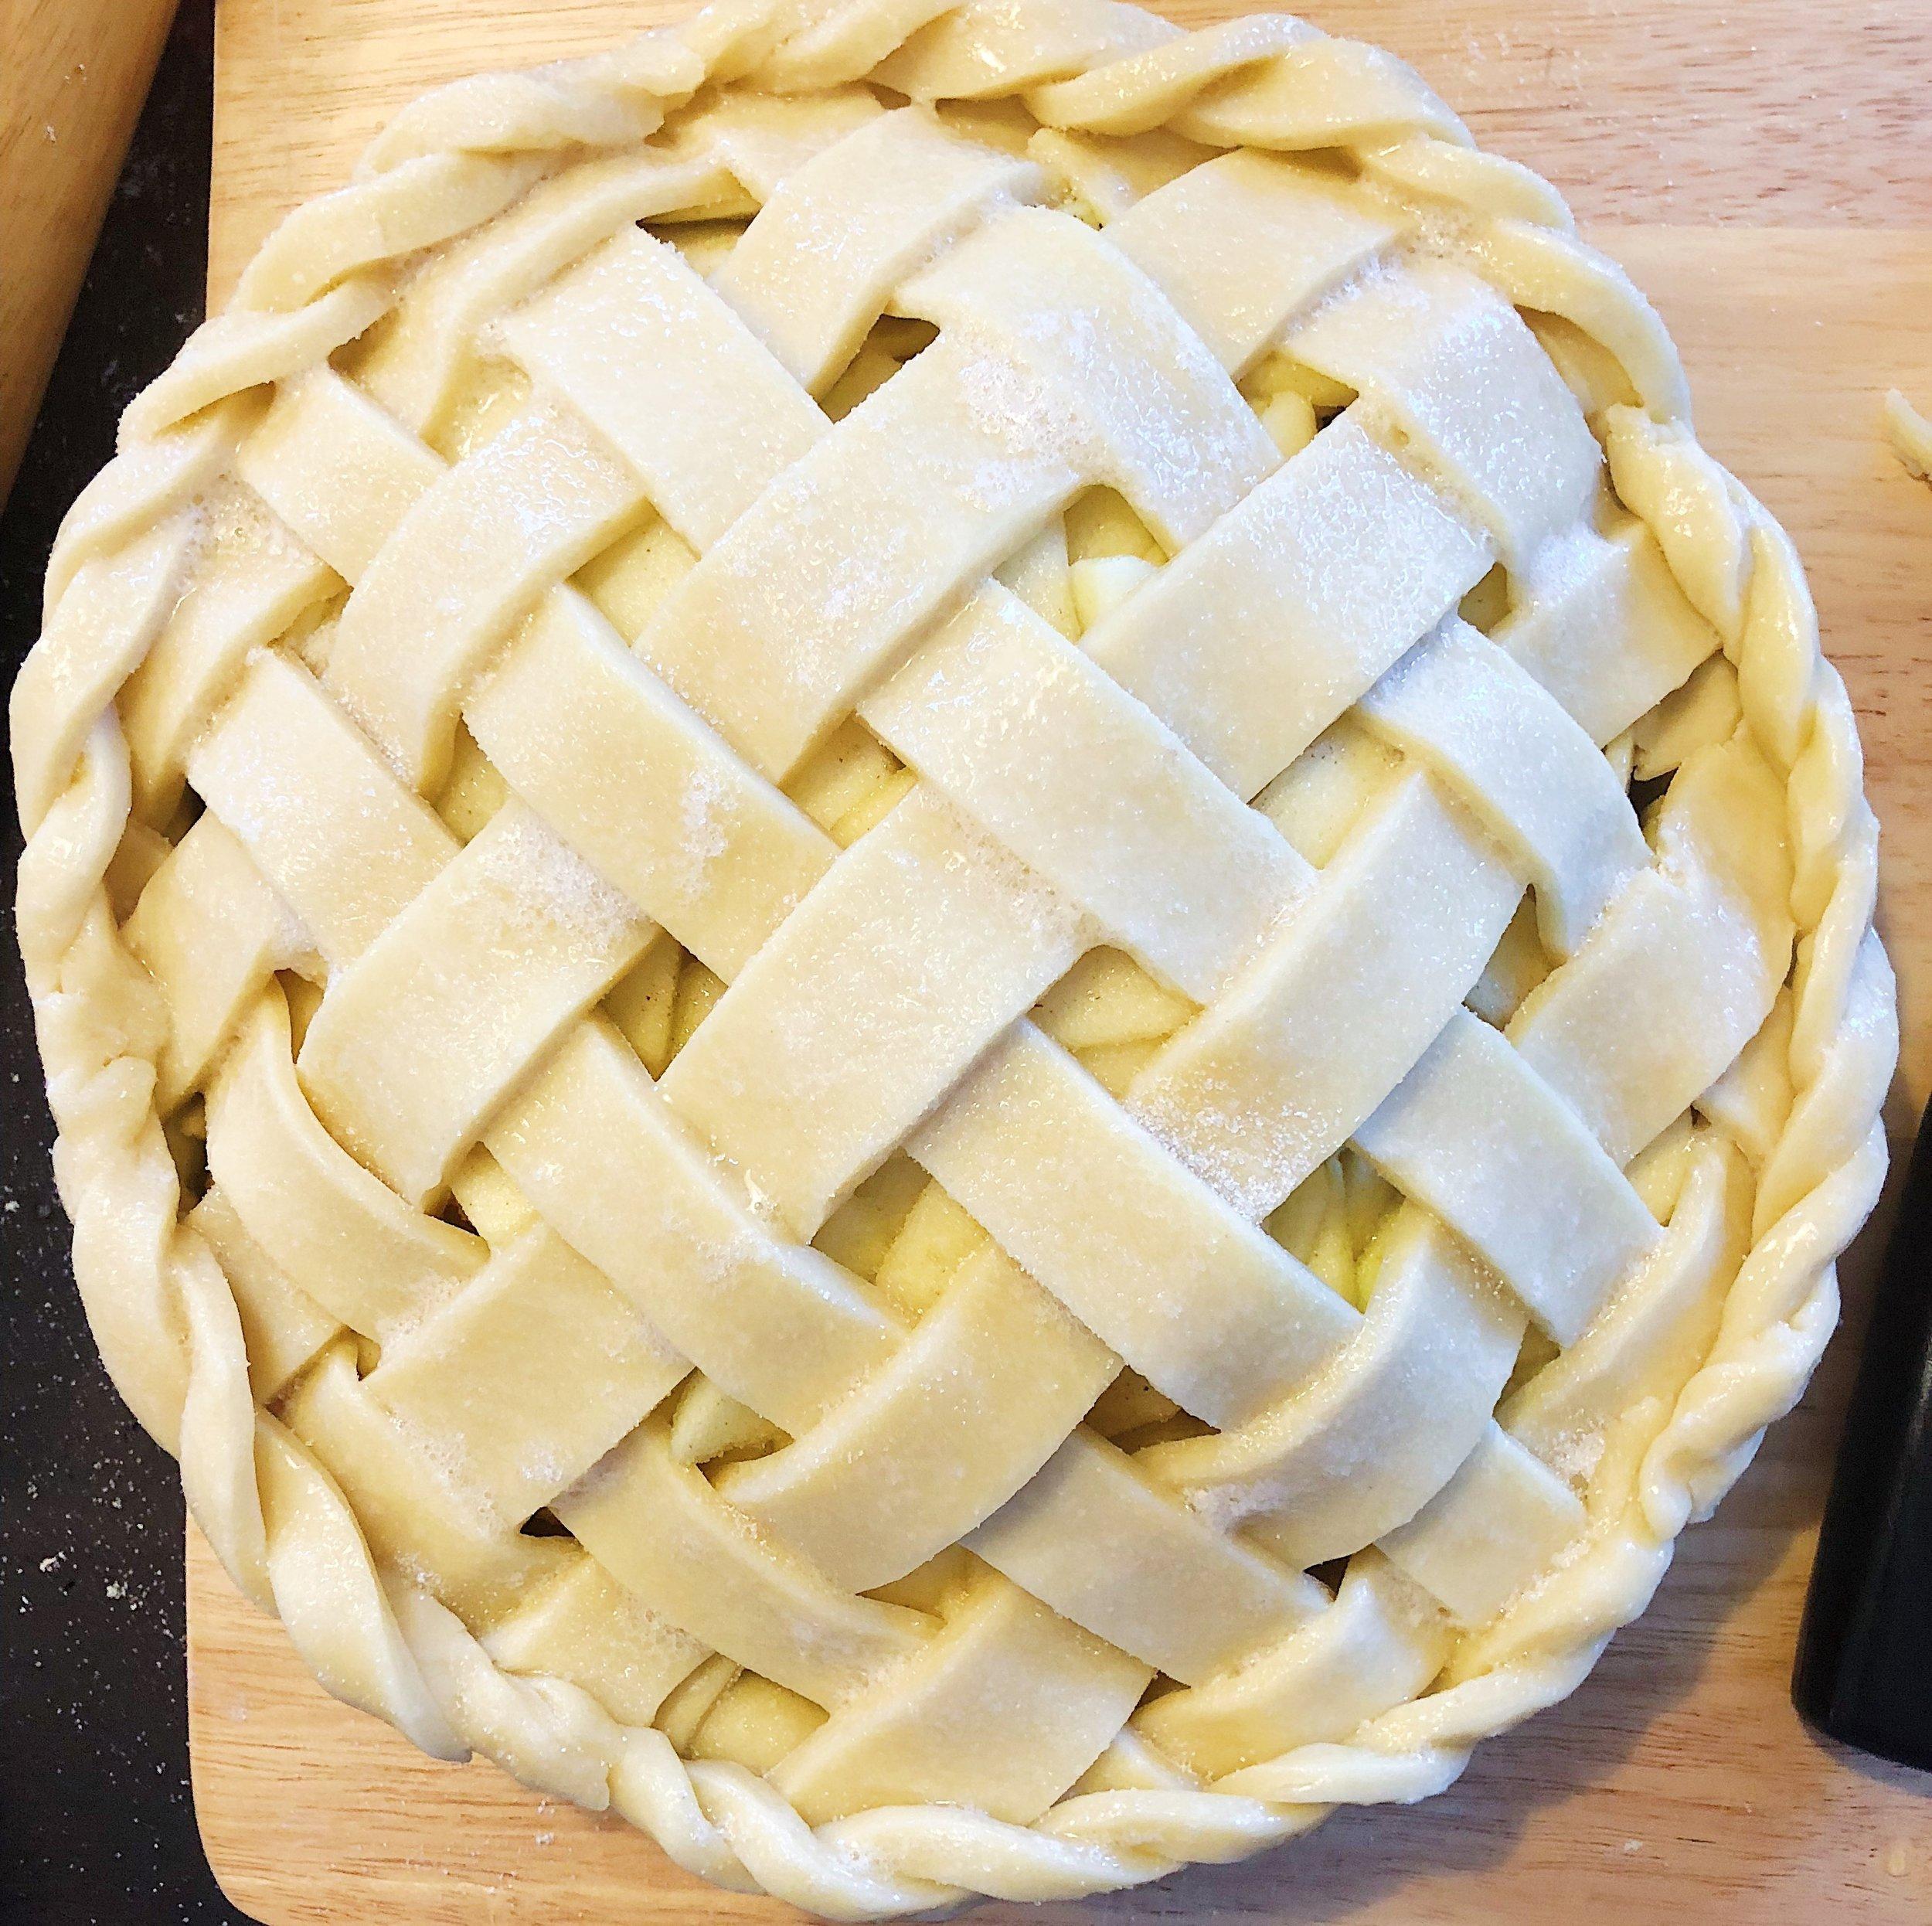 apple pie julianna strickland 4.jpg